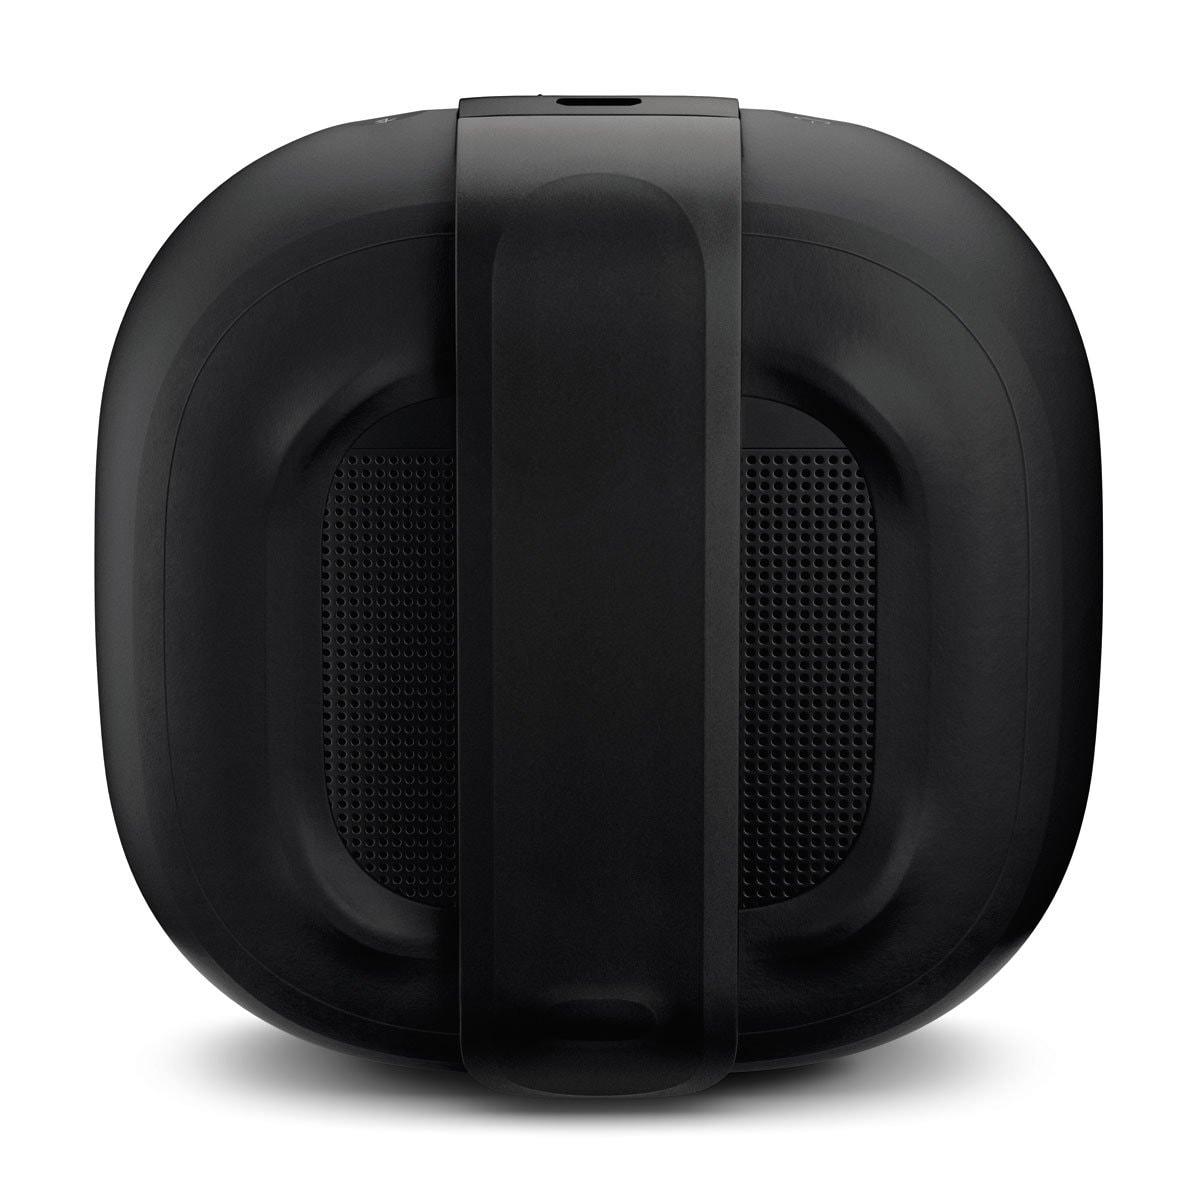 Bocina Bose Soundlink Micro Bt Spkr Black